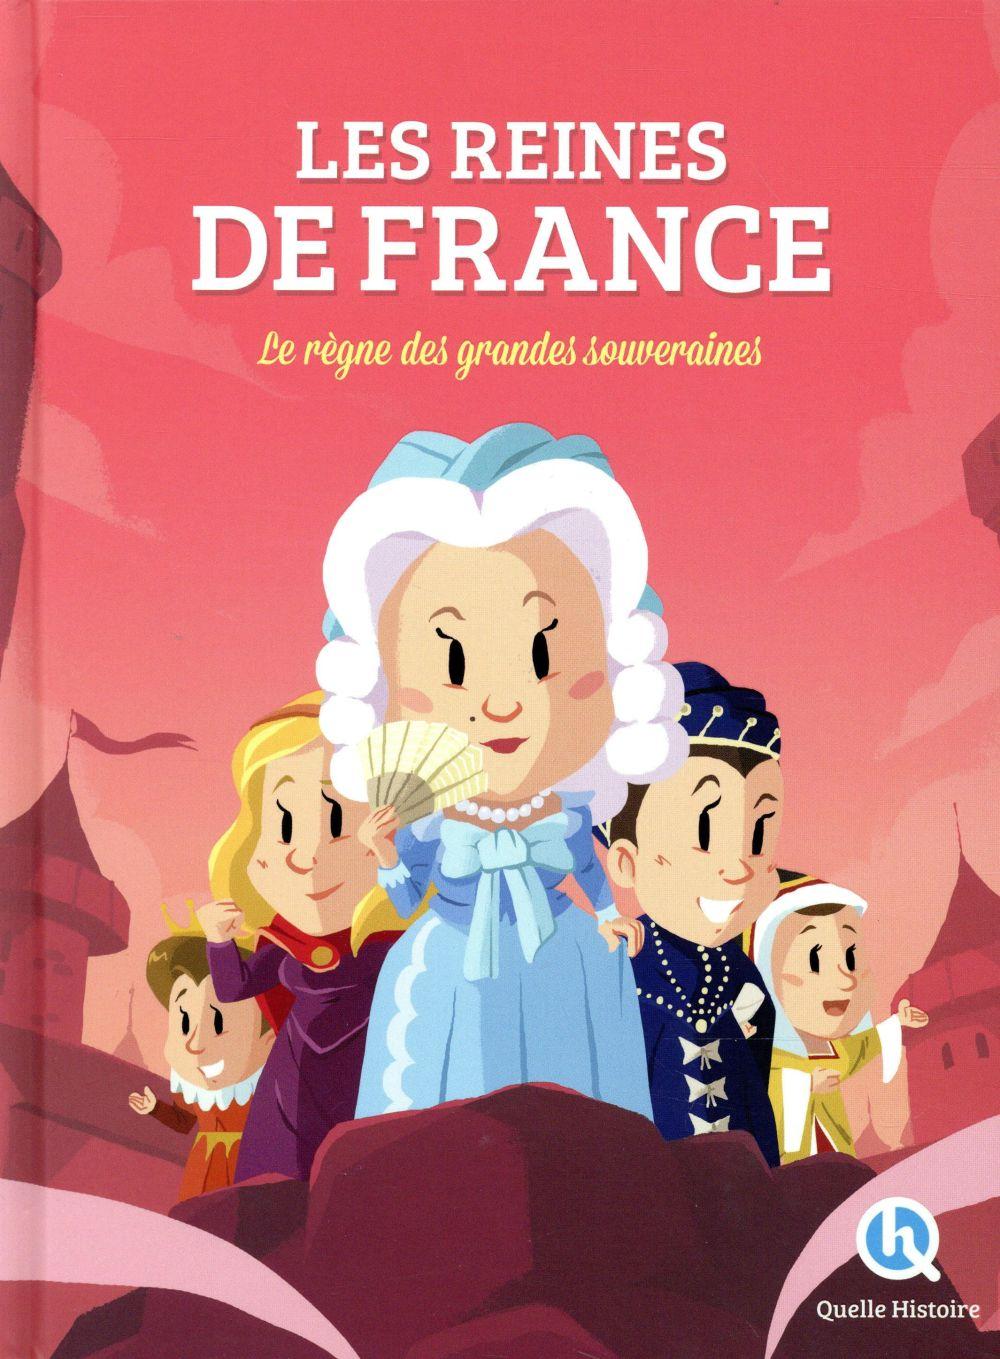 LES REINES DE FRANCE V. BARON CLEMENTINE QUELLE HISTOIRE